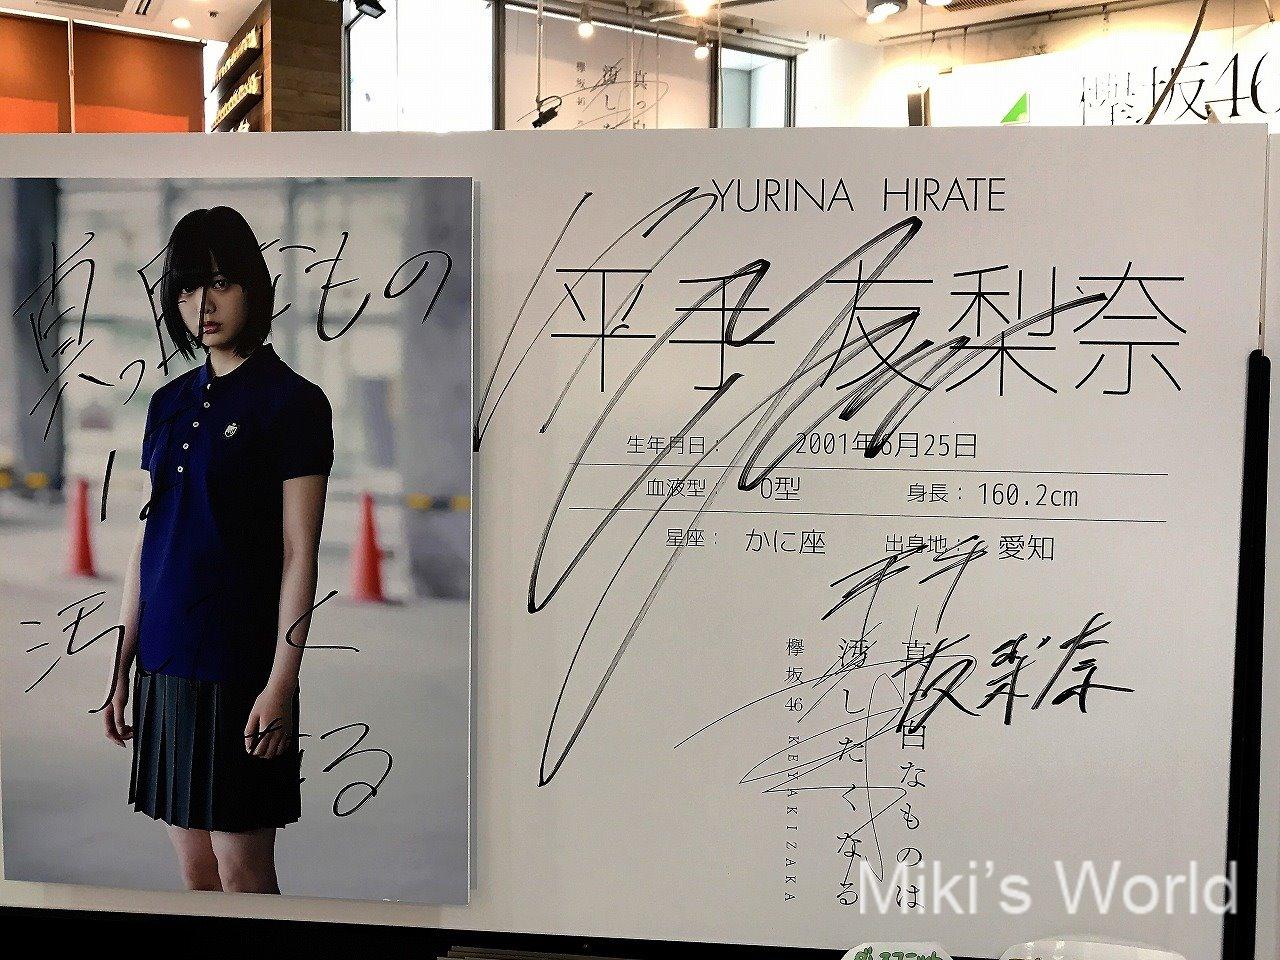 欅坂46 初アルバムリリースで 渋谷の蔦屋に連れていかれて感じたこと